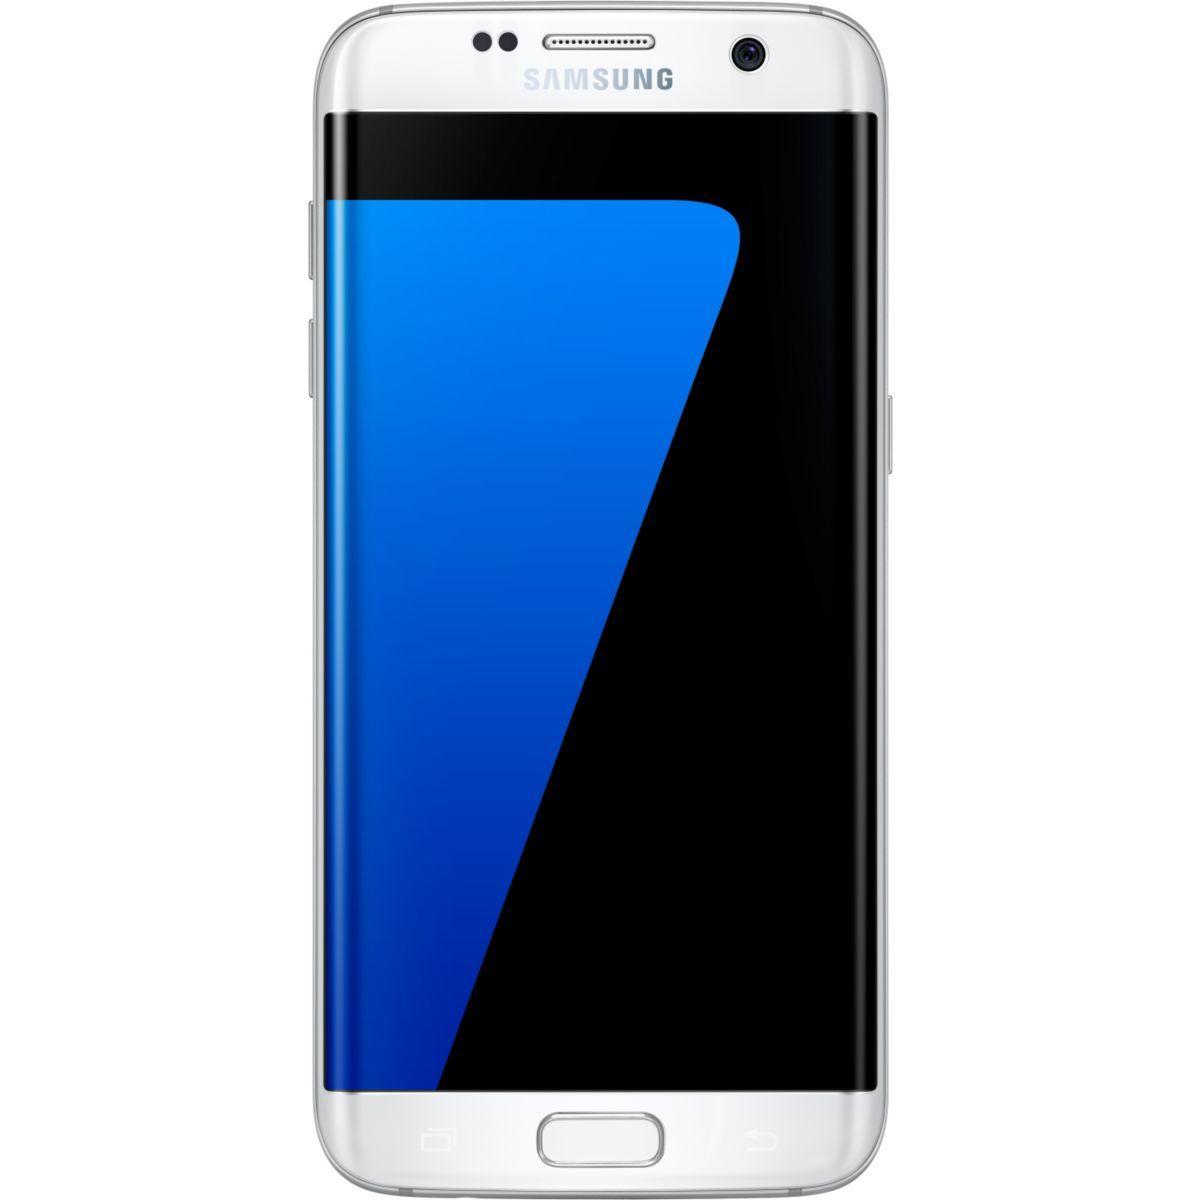 Pack promo smartphone samsung galaxy s7 edge 32go blanc + caméra 360° samsung gear 360 - soldes et bonnes affaires à prix imbattables